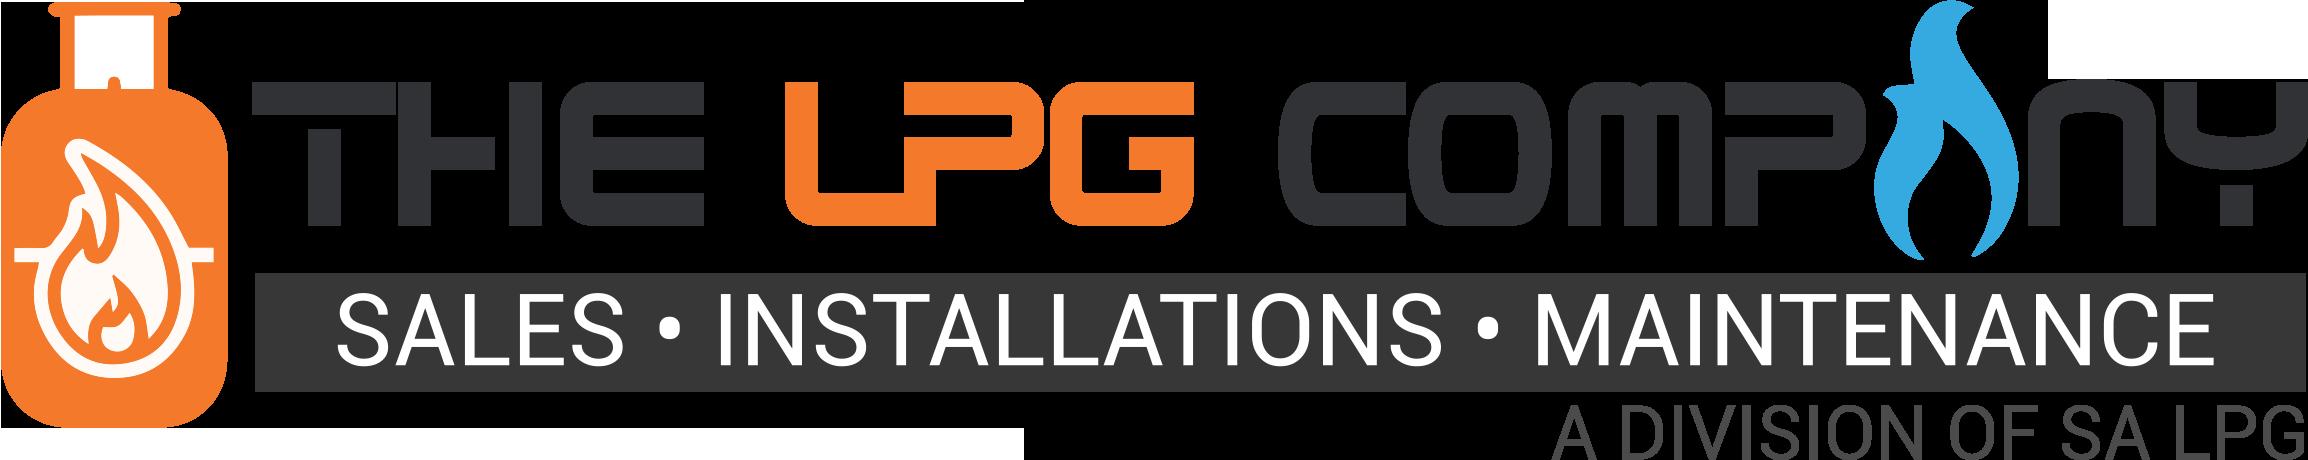 The LPG Company